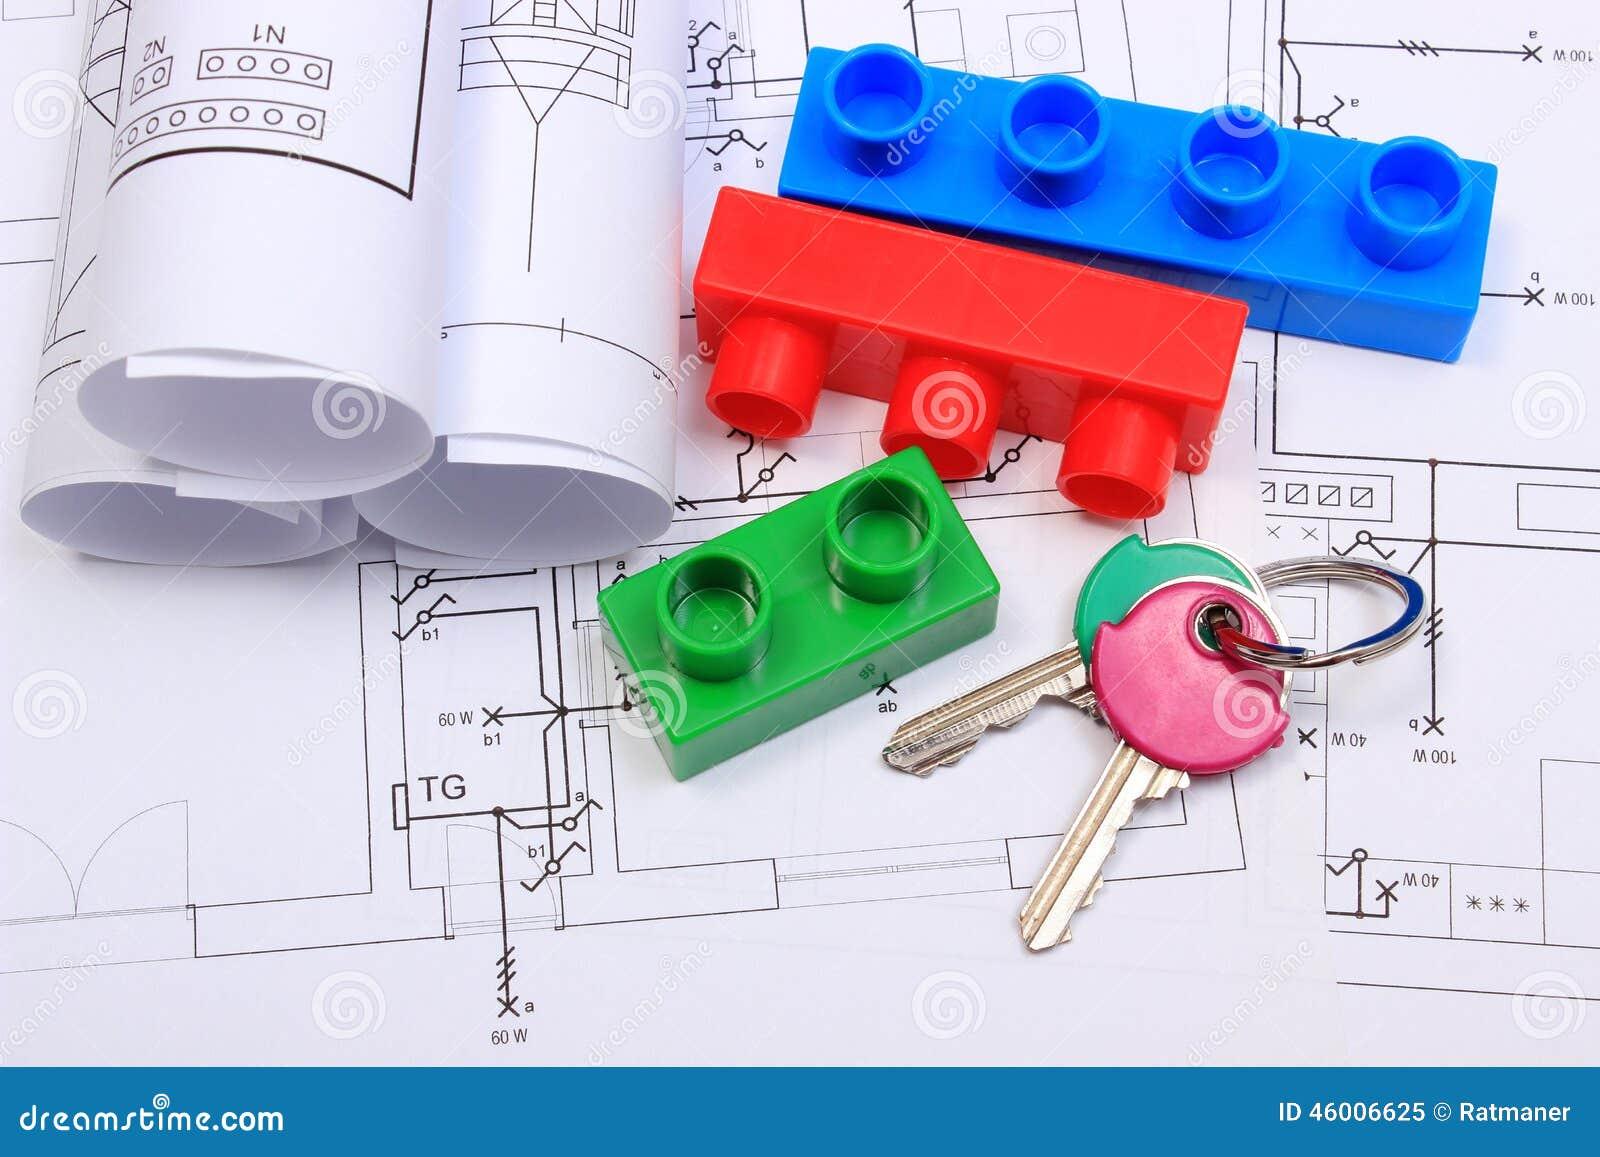 Schemi Elettrici Casa : Chiavi domestiche particelle elementari e diagrammi elettrici sul